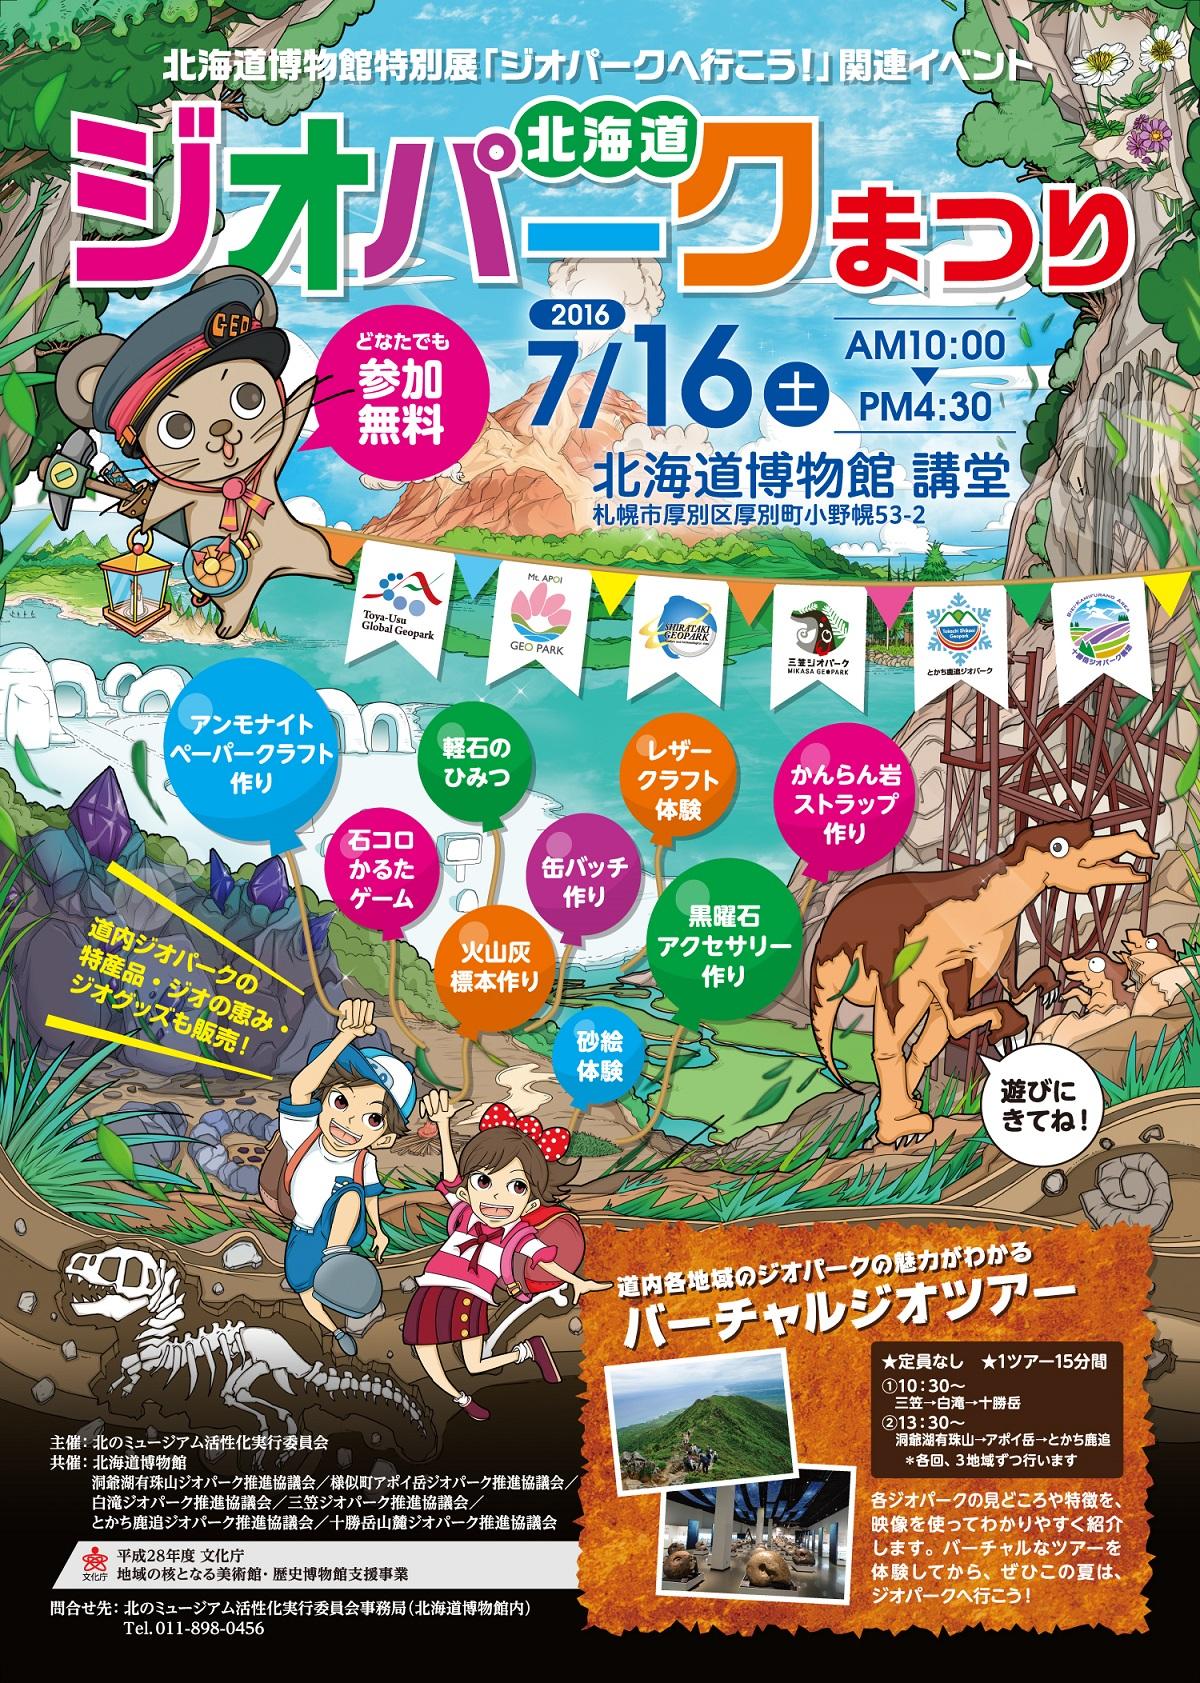 北海道ジオパークまつり 【特別イベント】